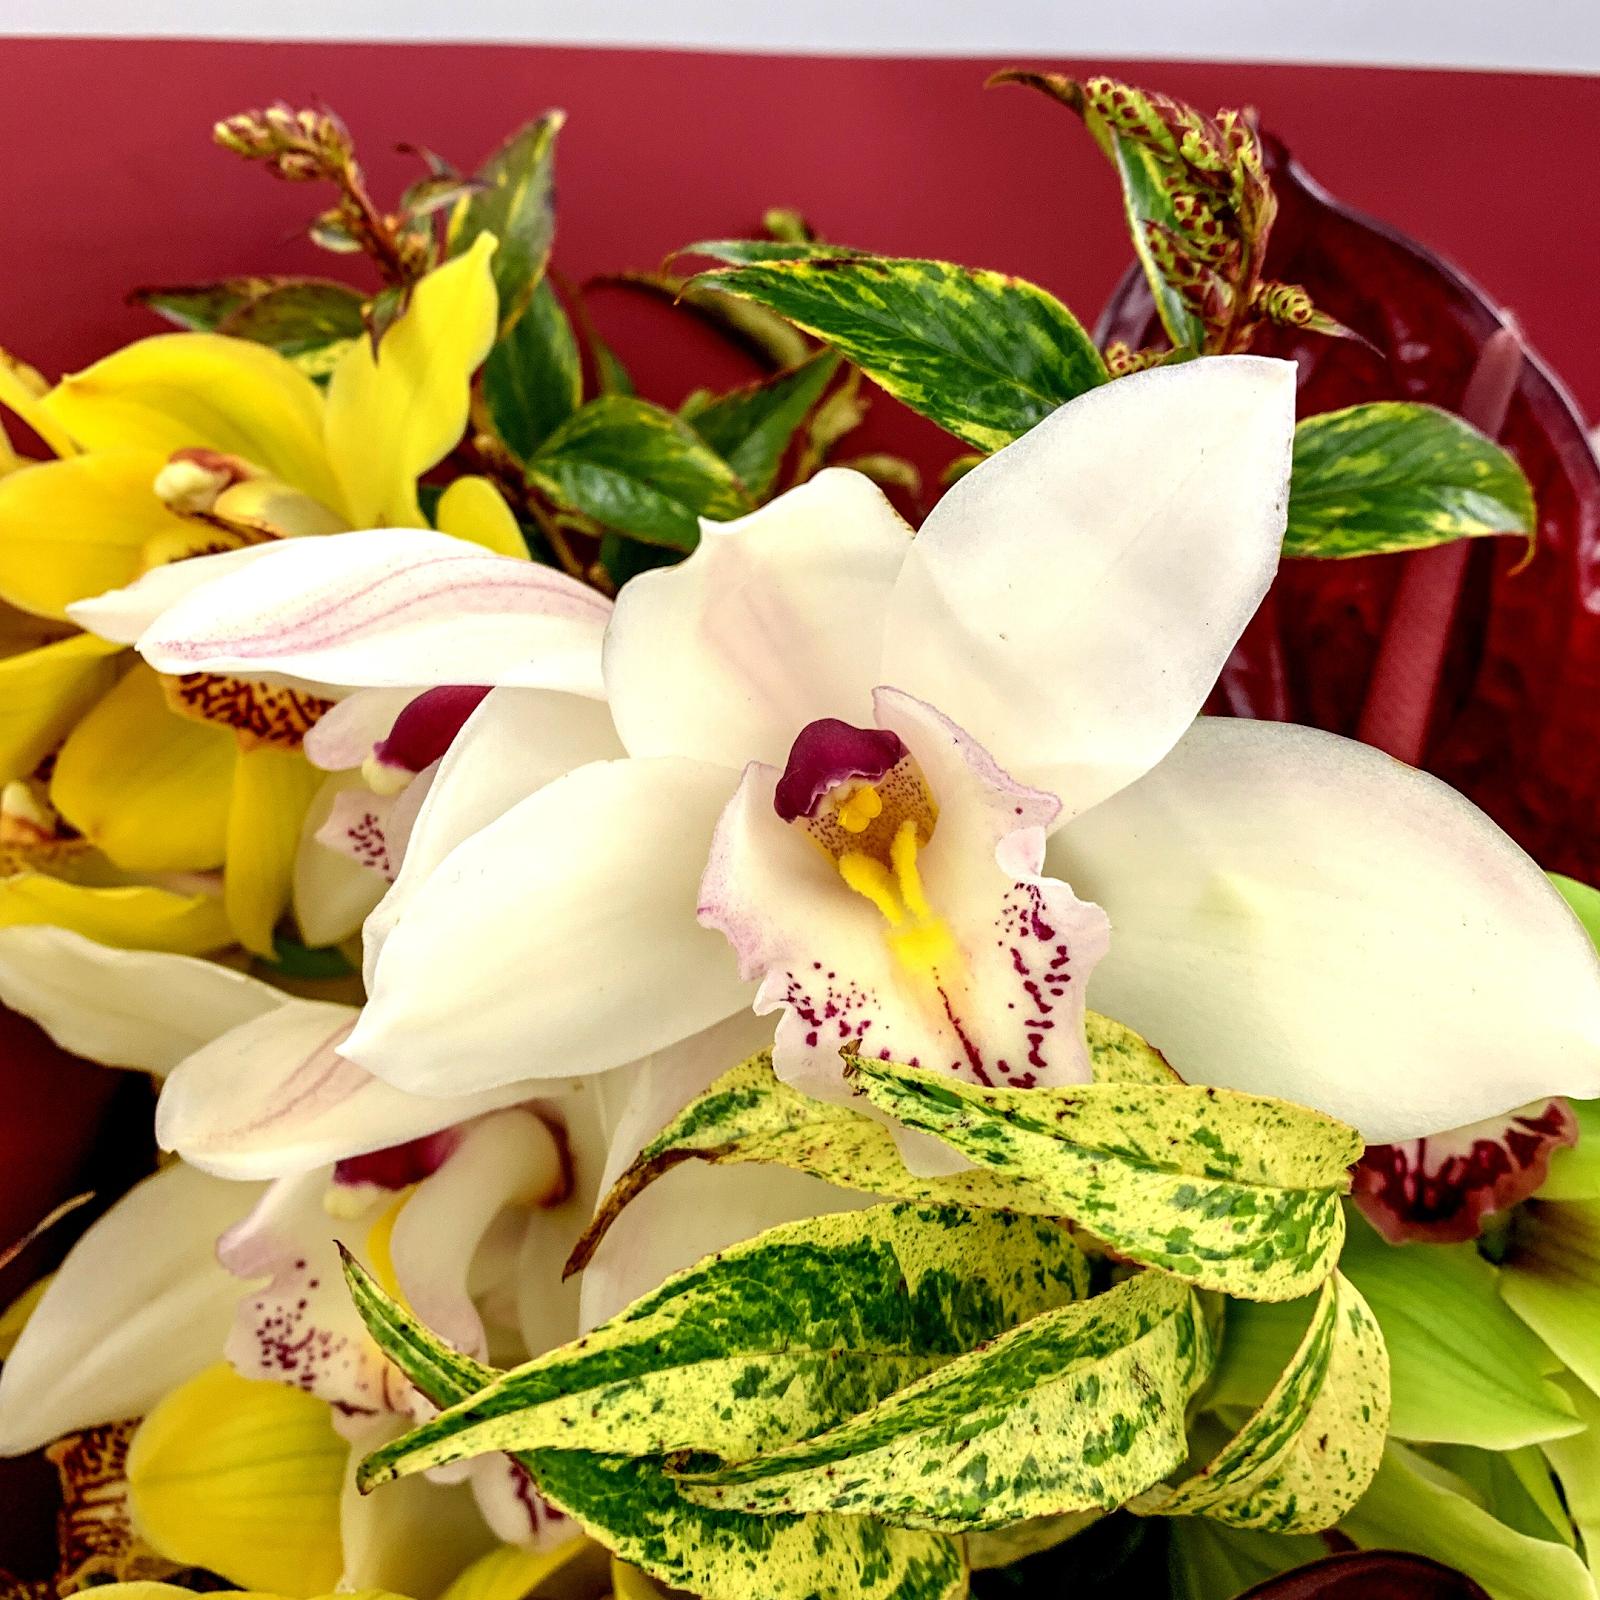 Как ухаживать за орхидеями, чтобы они цвели в домашних условиях и как правильно поливать?